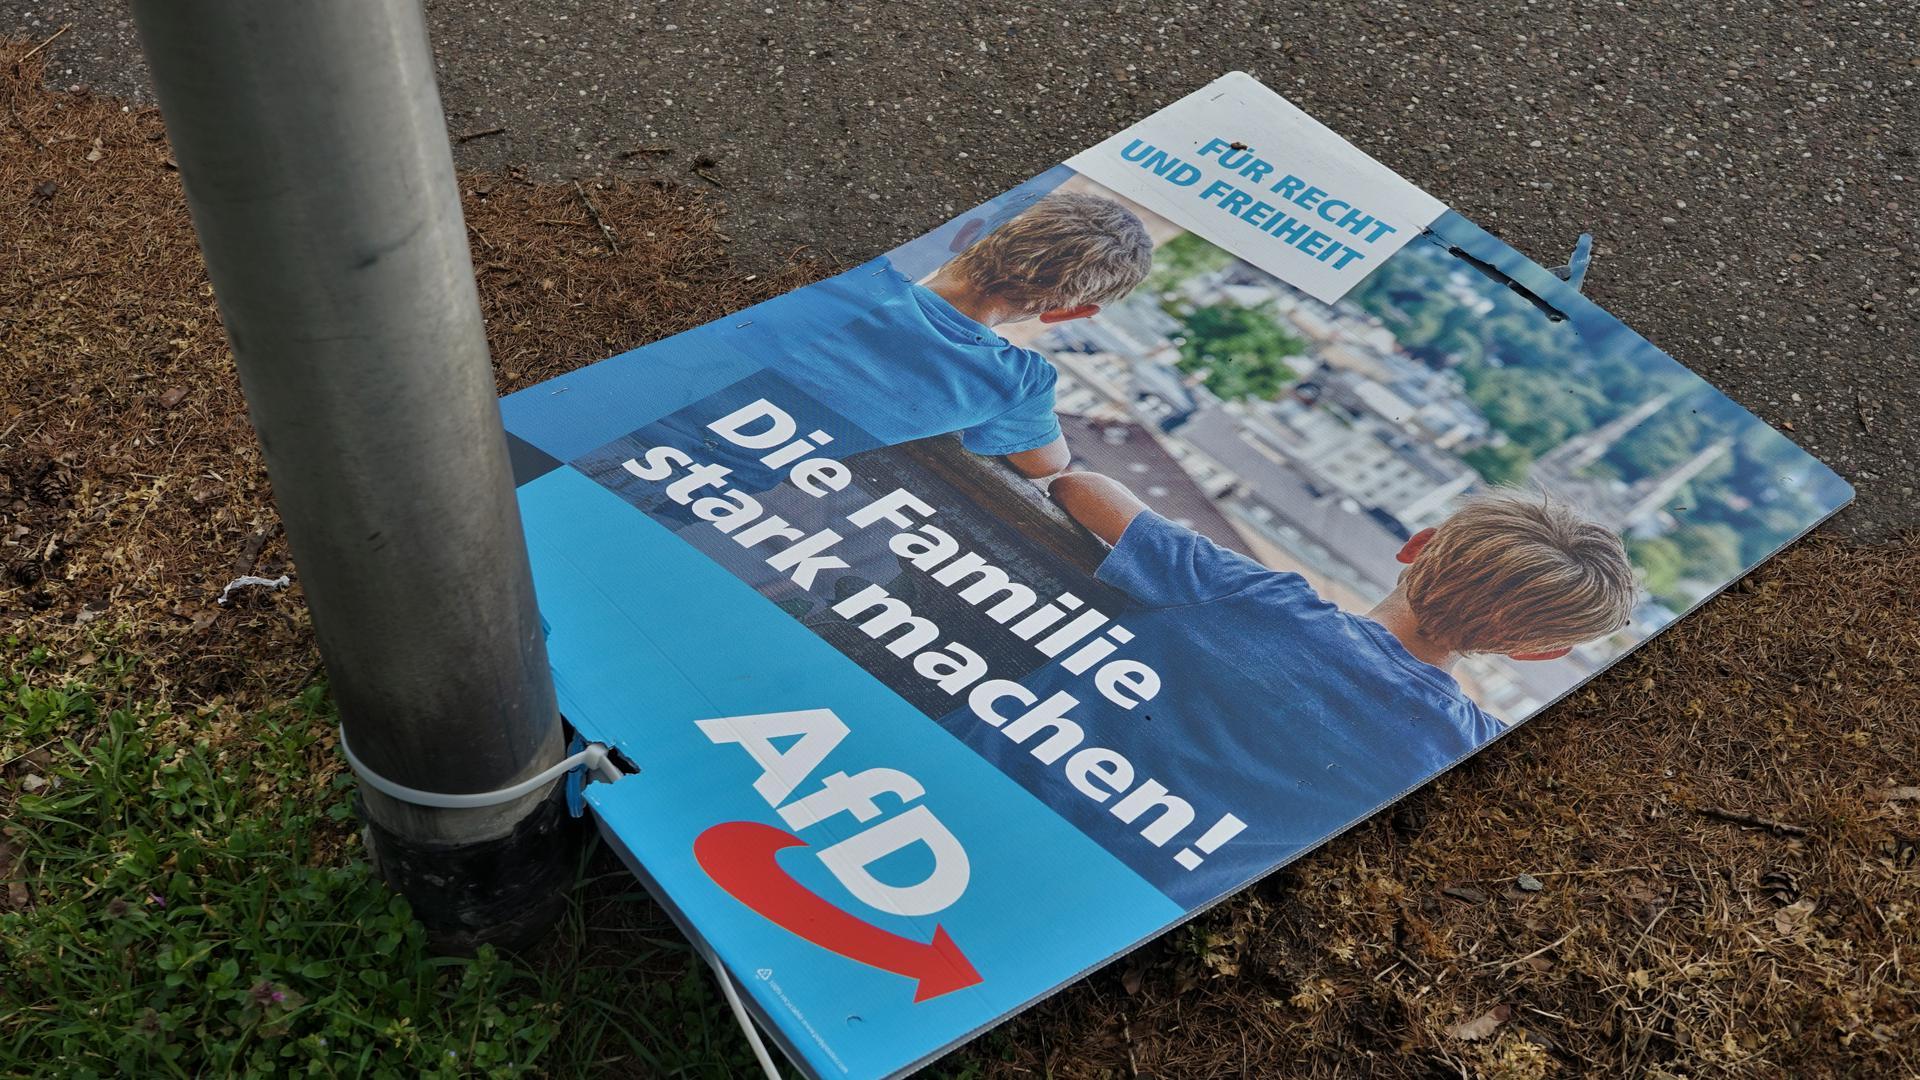 Ein Wahlplakat.